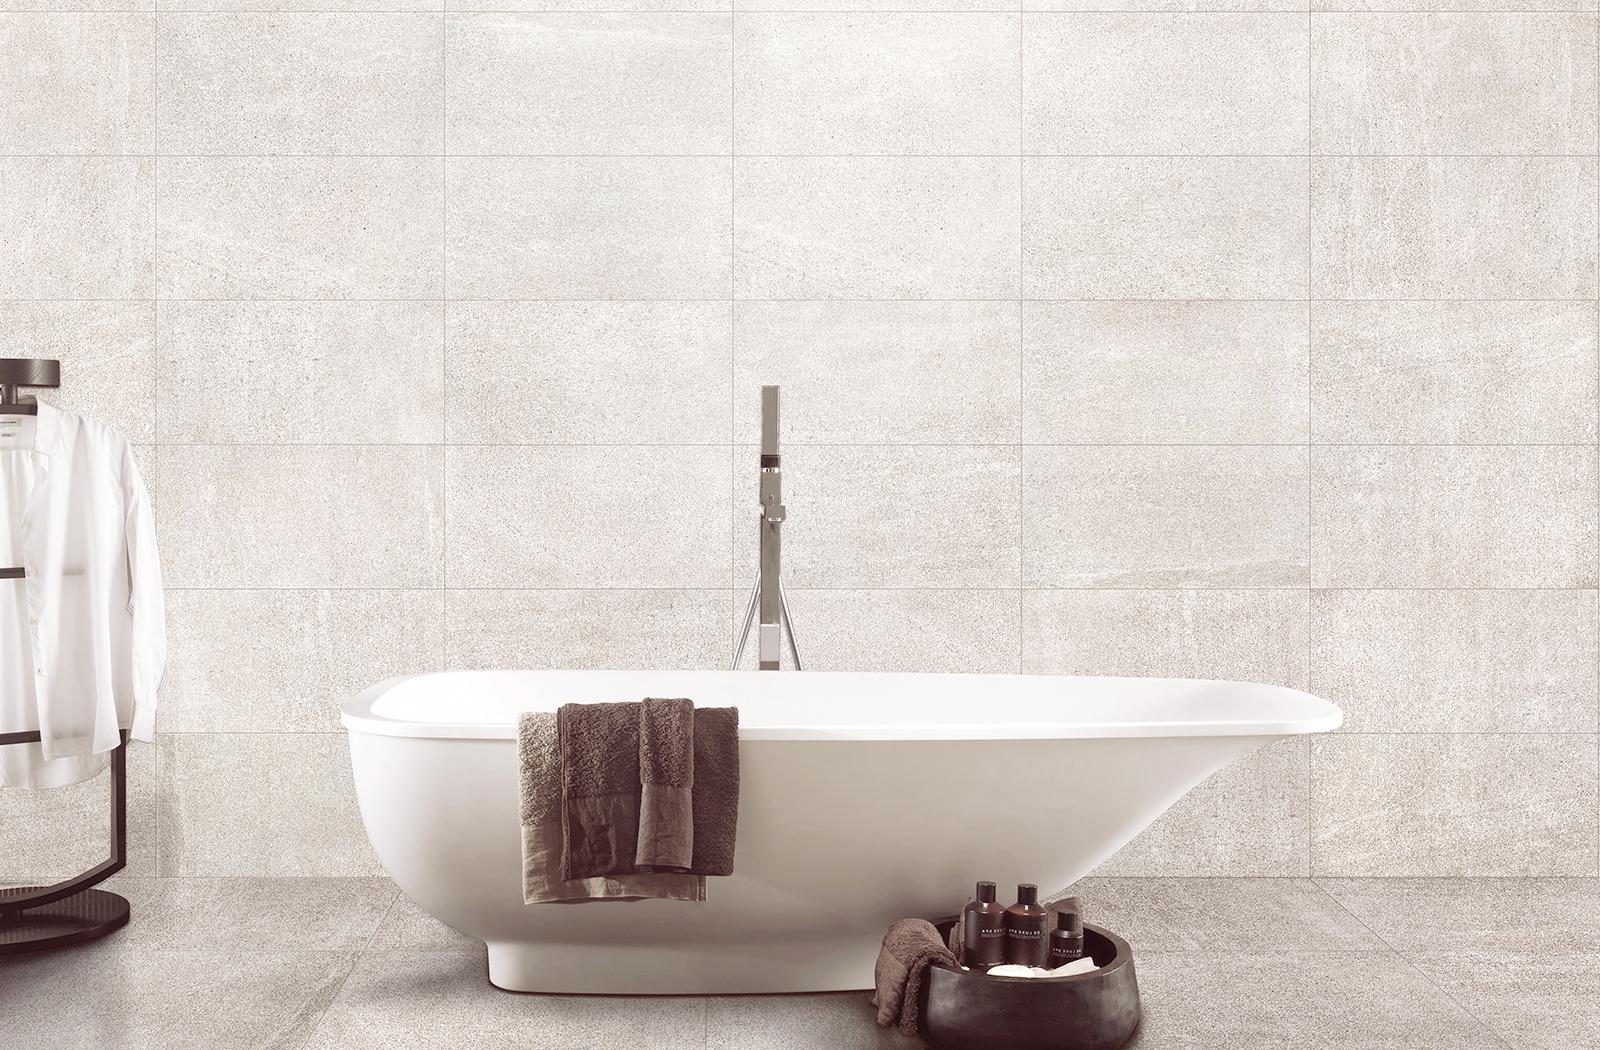 regal series porcelain olympia tile. Black Bedroom Furniture Sets. Home Design Ideas